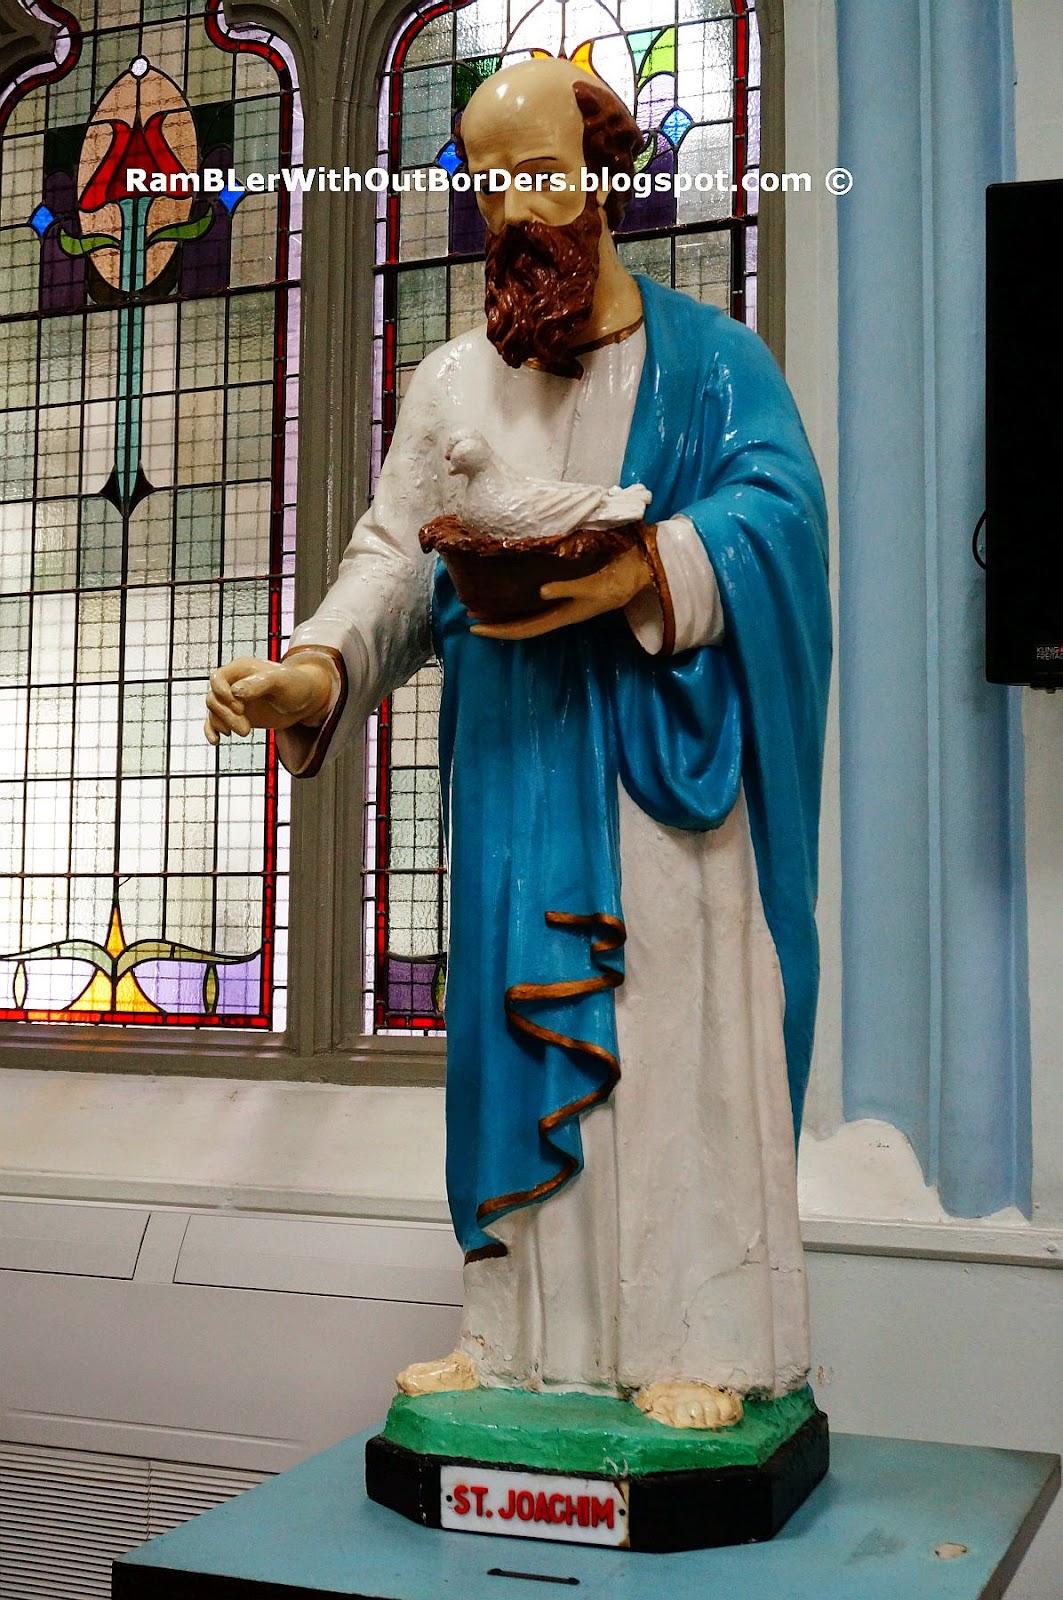 St Joachin statue, St Joseph's Church, Victoria St, Singapore